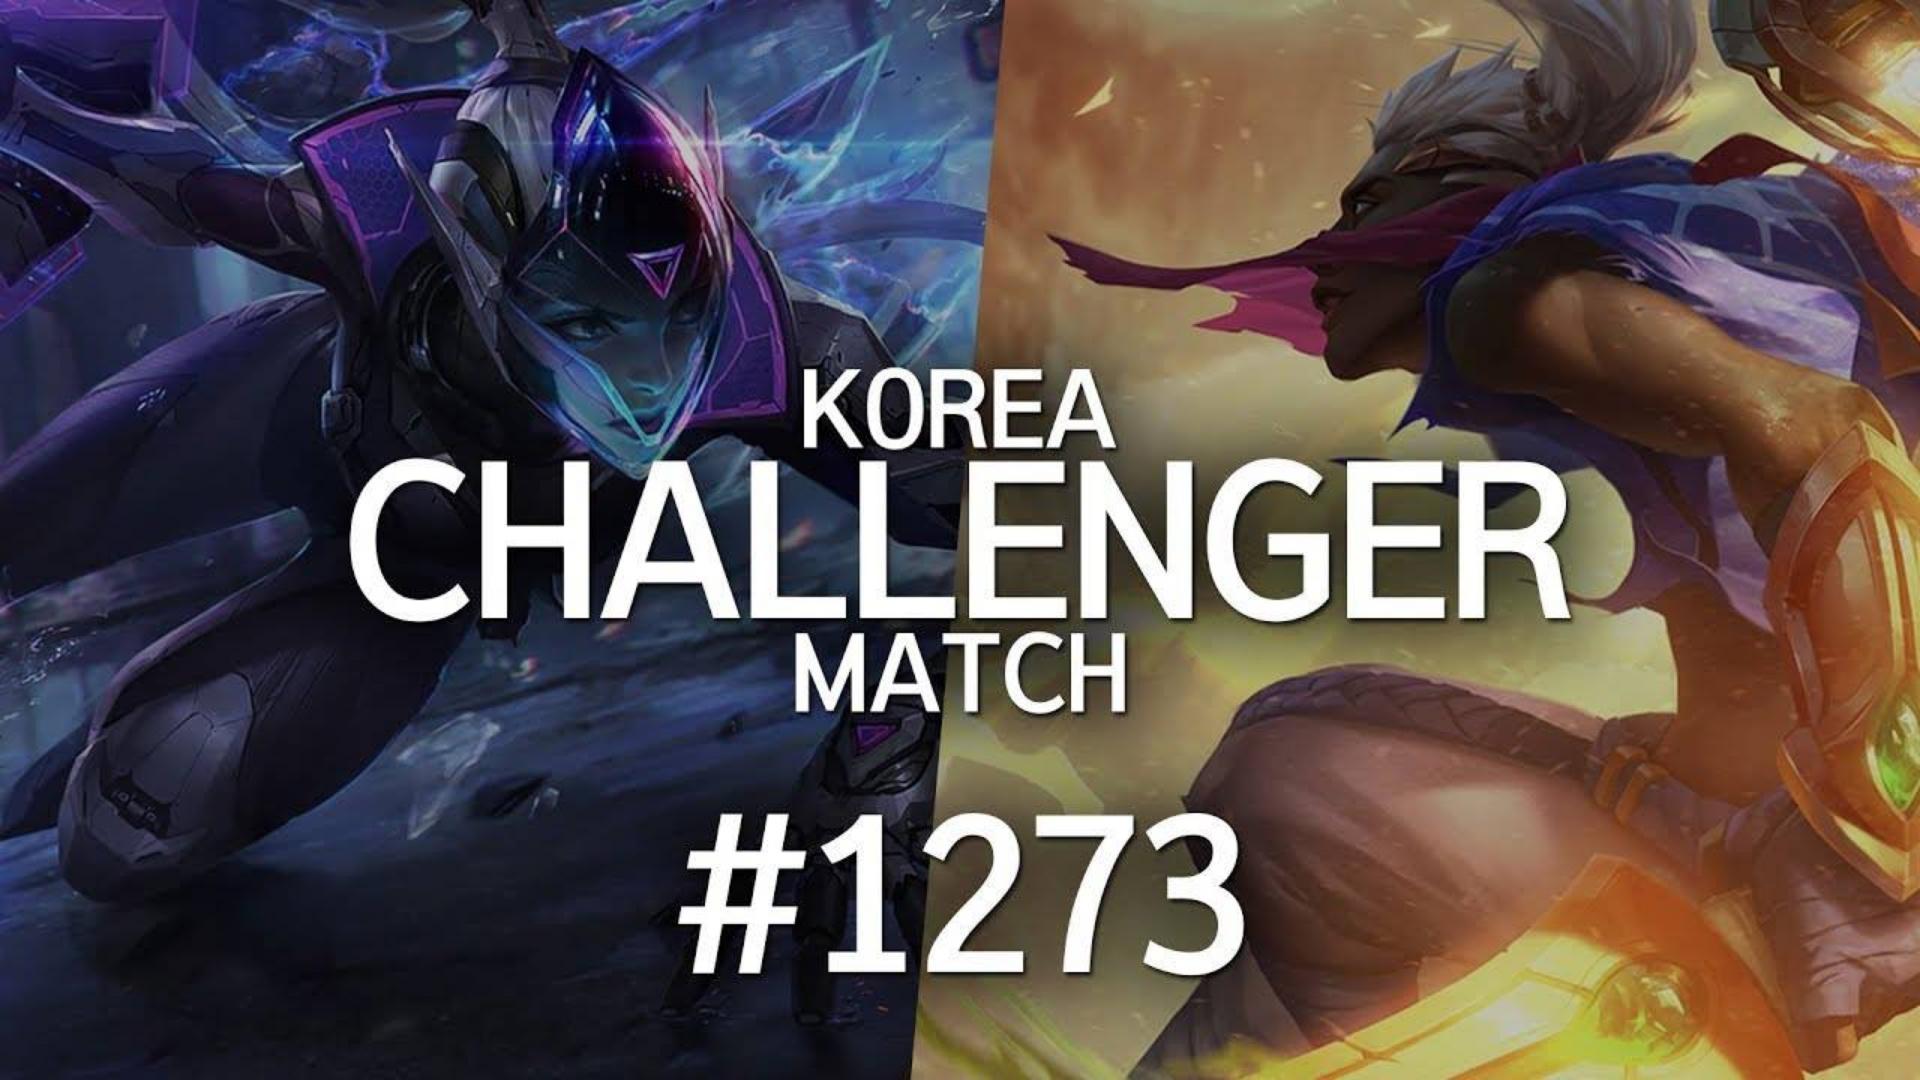 韩服最强王者菁英对决 #1273   坏起来了